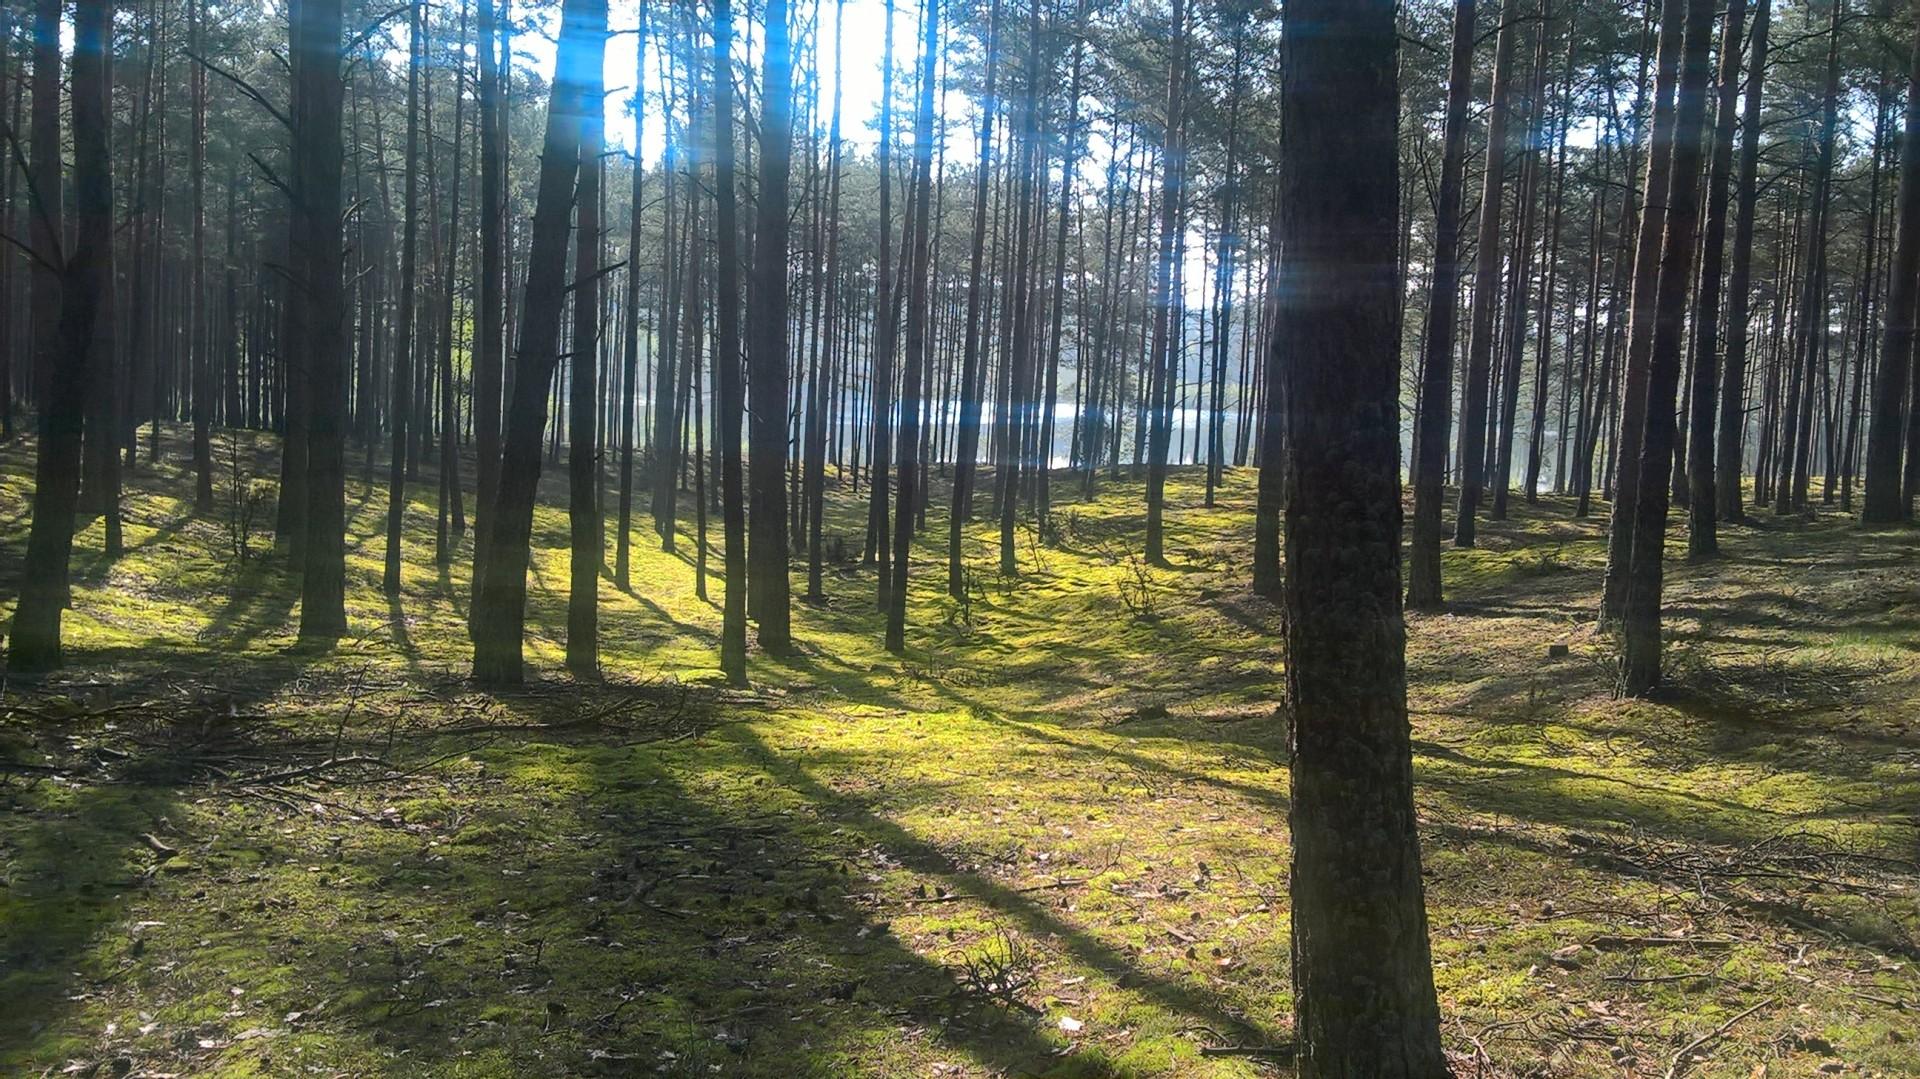 Wędrówka po Kaszubach - wanoga. Dzień trzeci. Fot. Tomasz Słomczyński/Magazyn Kaszuby